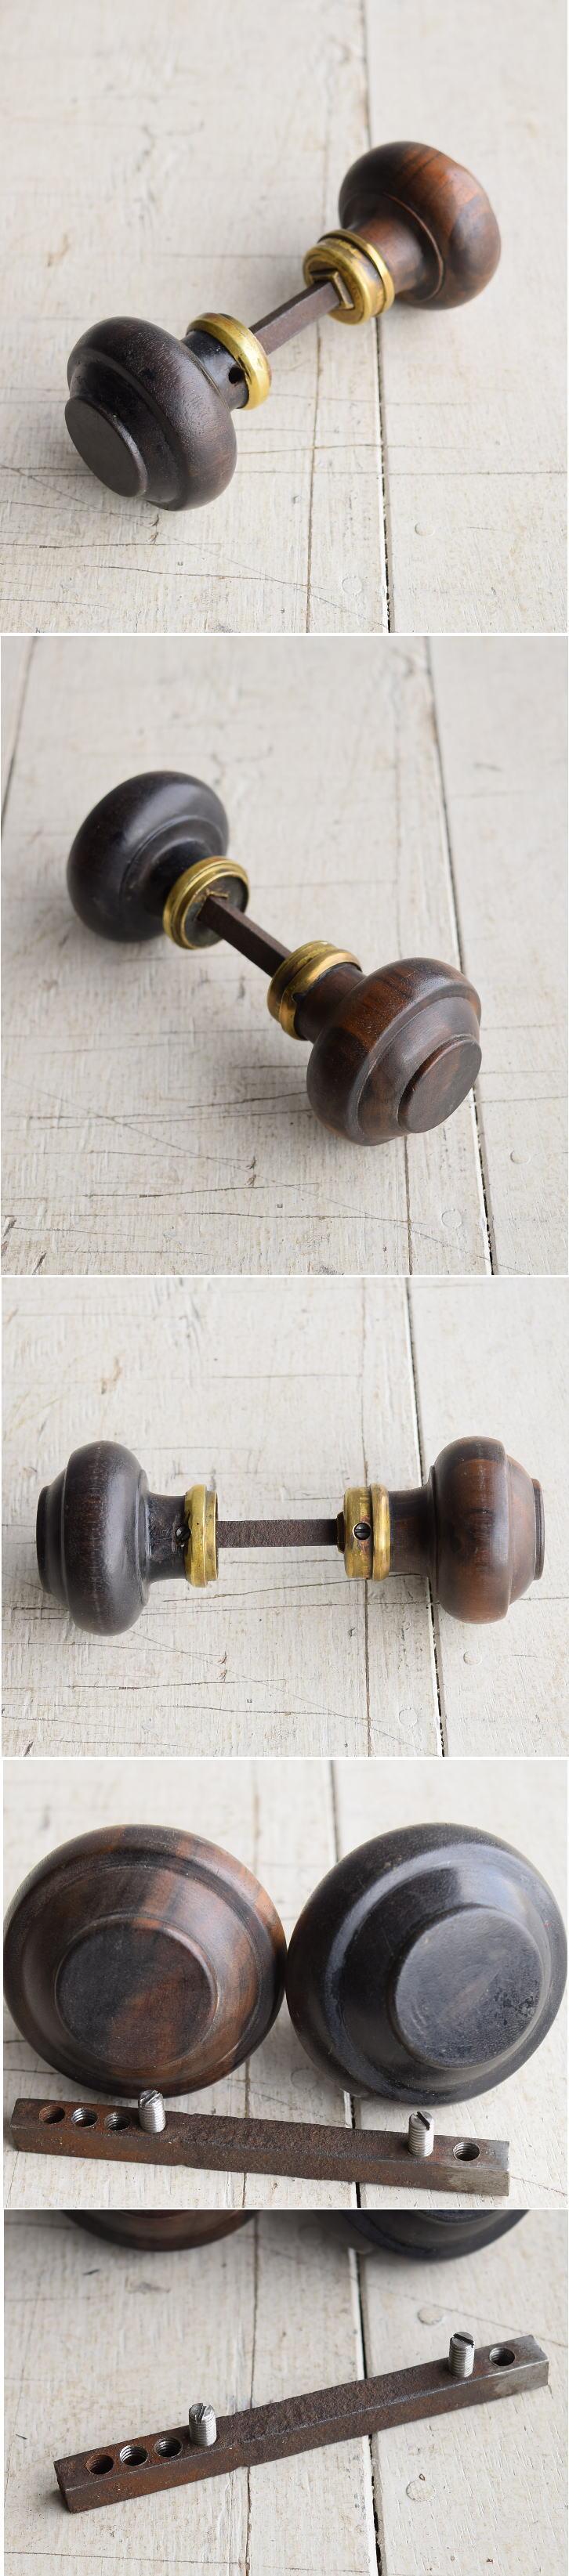 イギリス アンティーク 木製 ドアノブ 建具金物 握り玉 7890